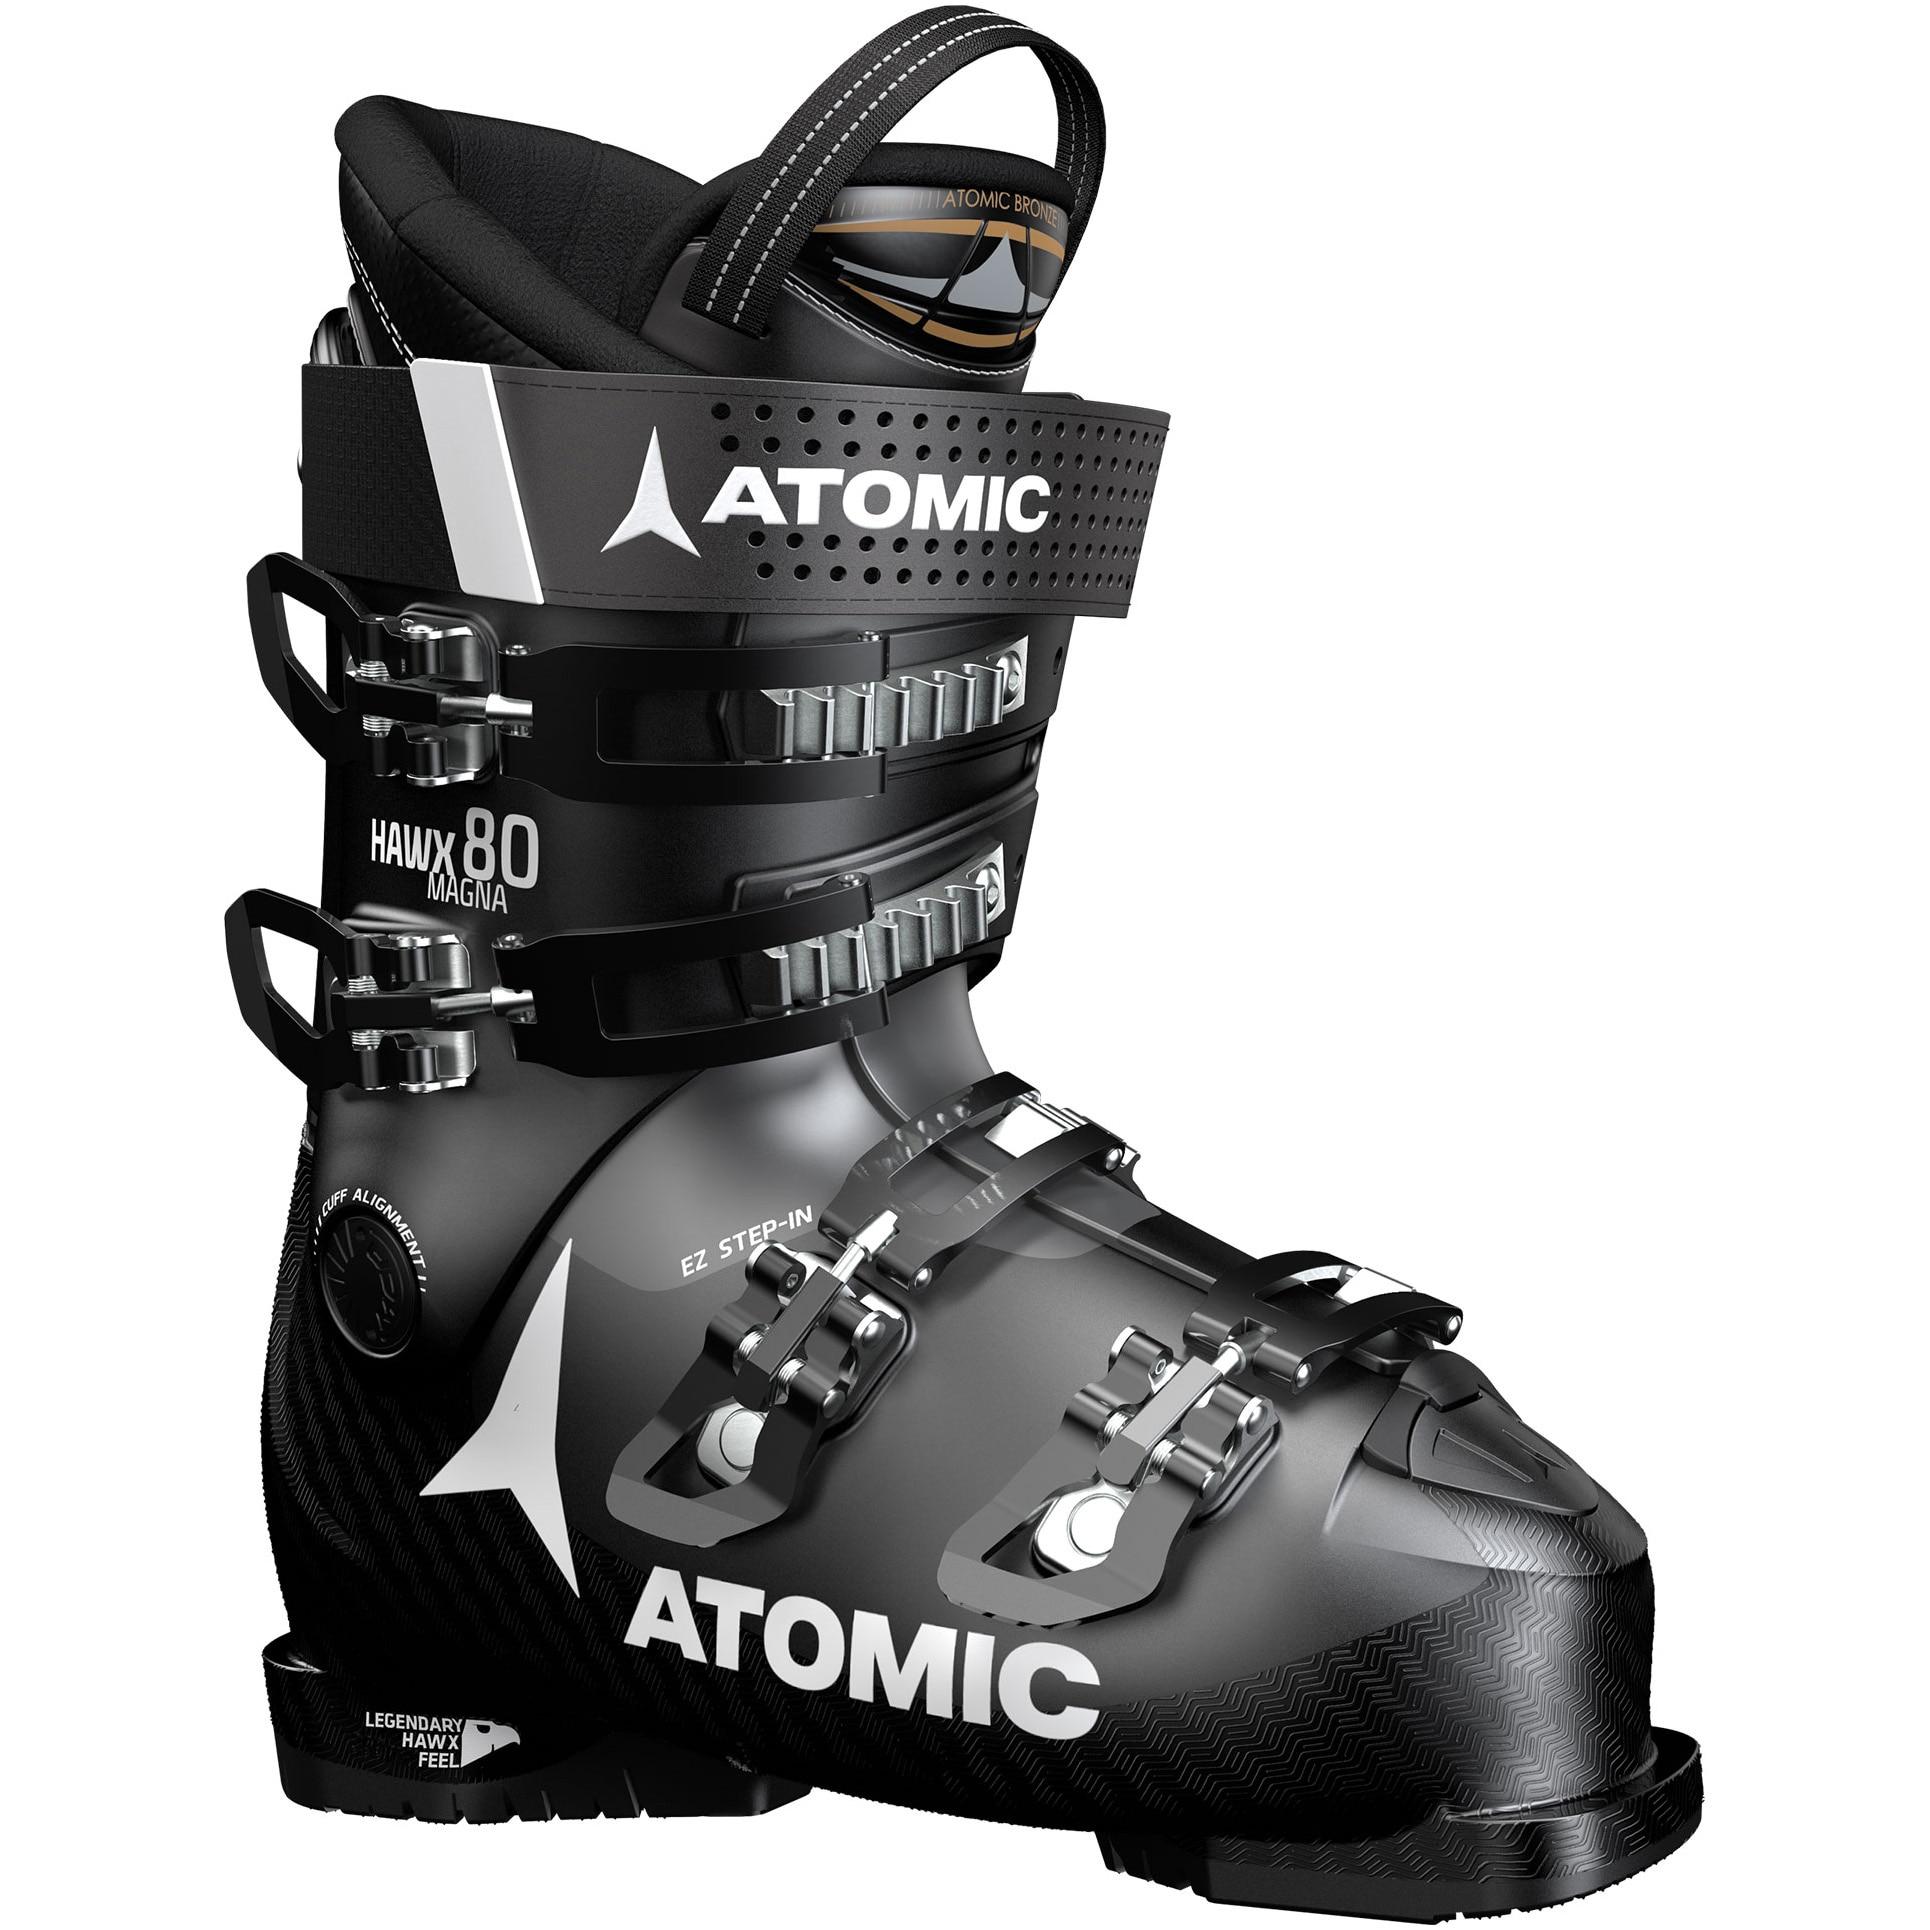 Fotografie Clapari Atomic Hawx Magna 80 Unisex, Black/Anthracite, Negru/Gri, 25, 25.5